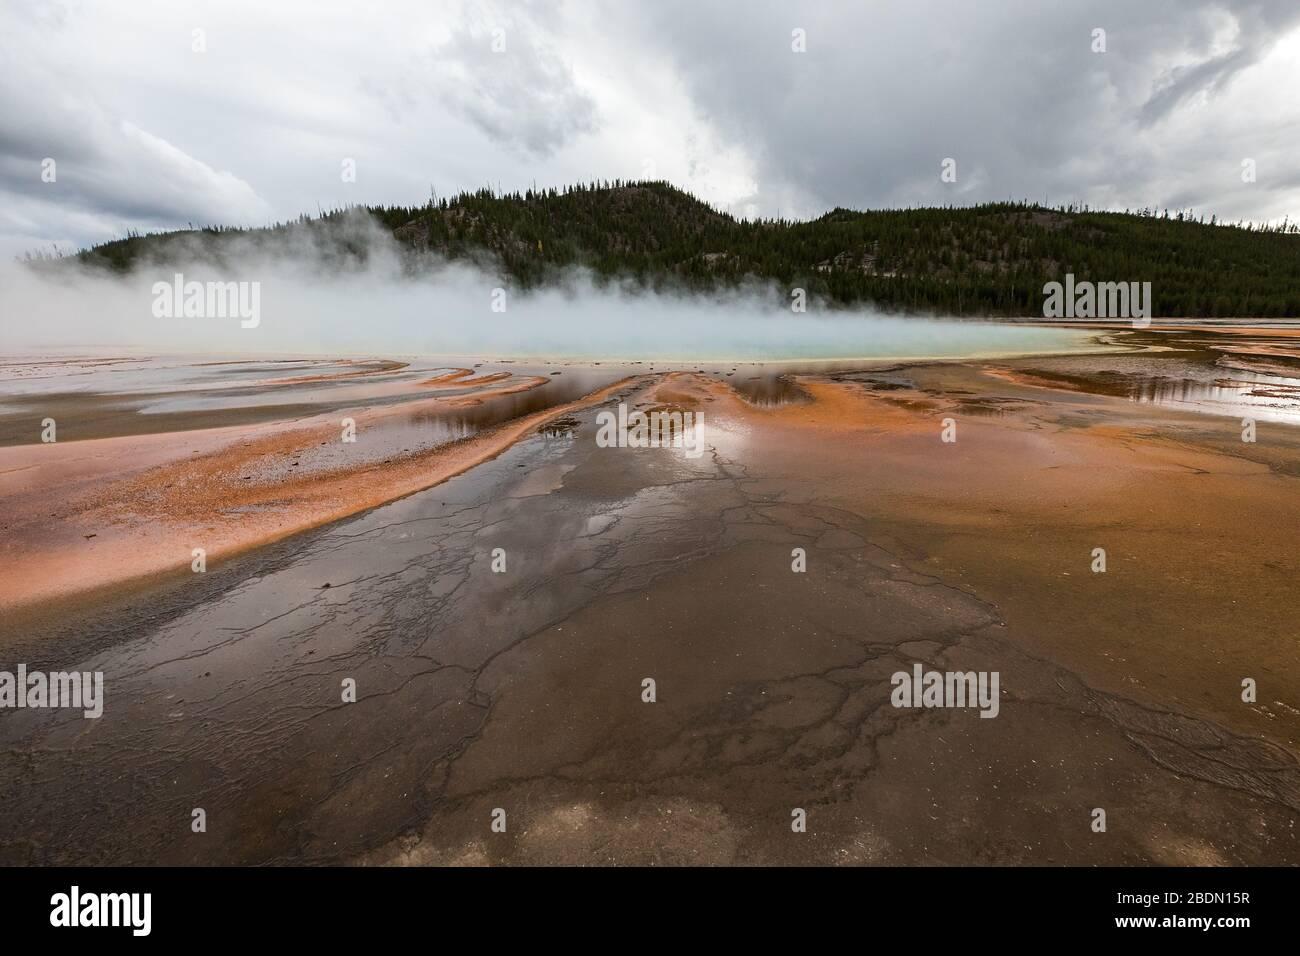 Gran Primavera prismática en el Parque Nacional Yellowstone en un día tormentoso de otoño, los colores de las esteras bacterias muestran las características dramáticas de Yellowstone. Foto de stock